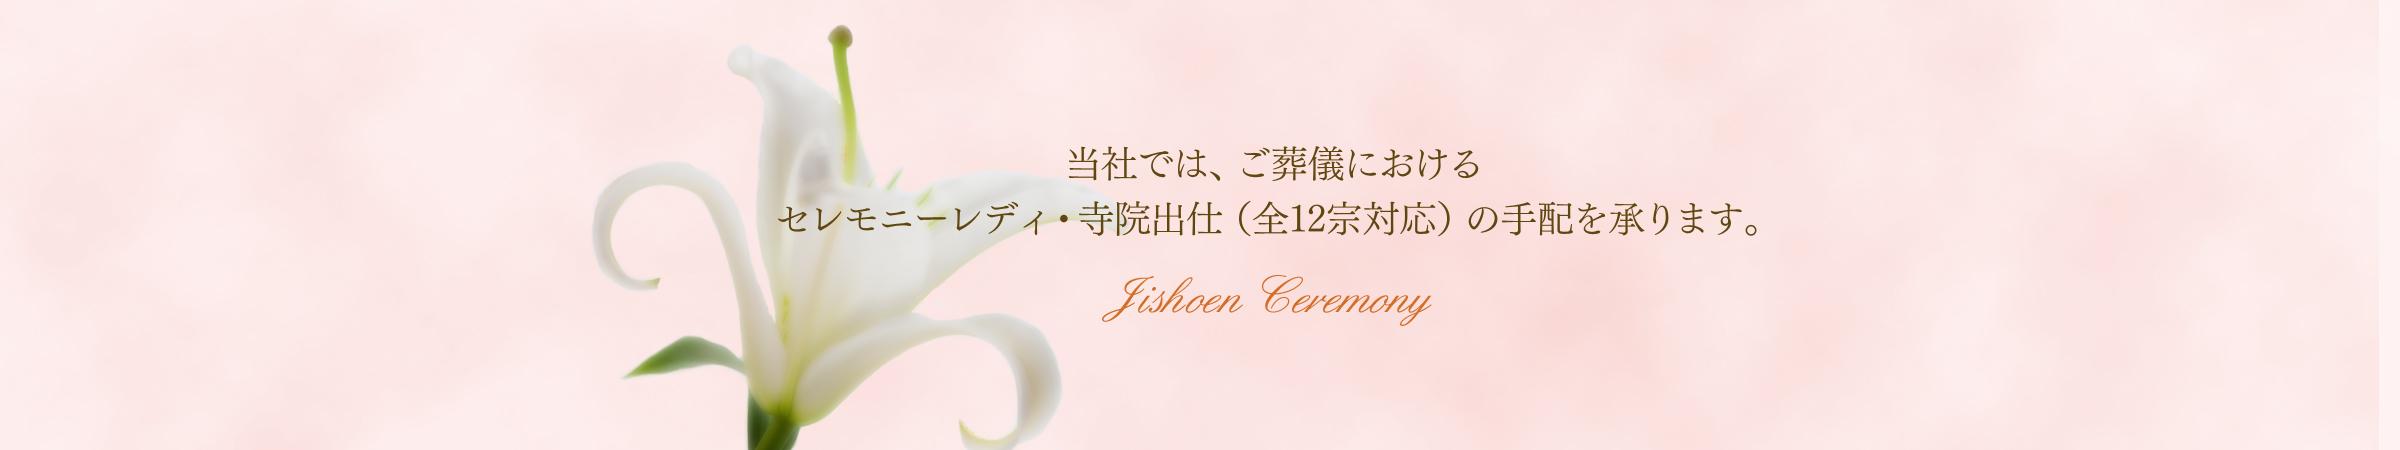 当社ではご葬儀におけるセレモニーレディ・寺院出仕の手配を承ります。